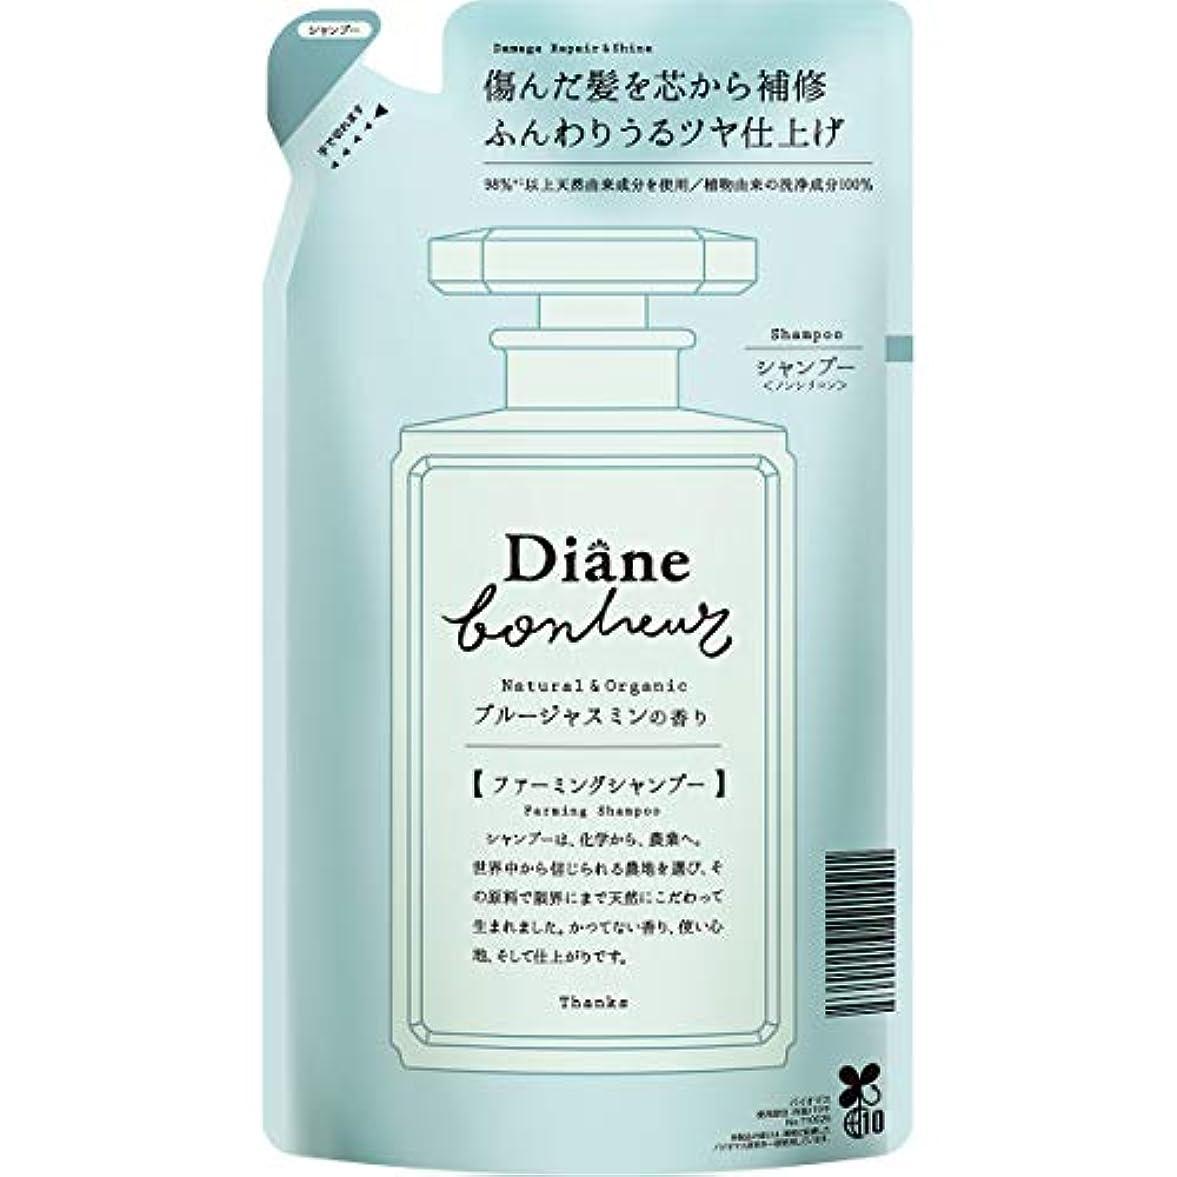 評議会スリムぞっとするようなダイアン ボヌール シャンプー ブルージャスミンの香り ダメージリペア&シャイン 詰め替え 400ml